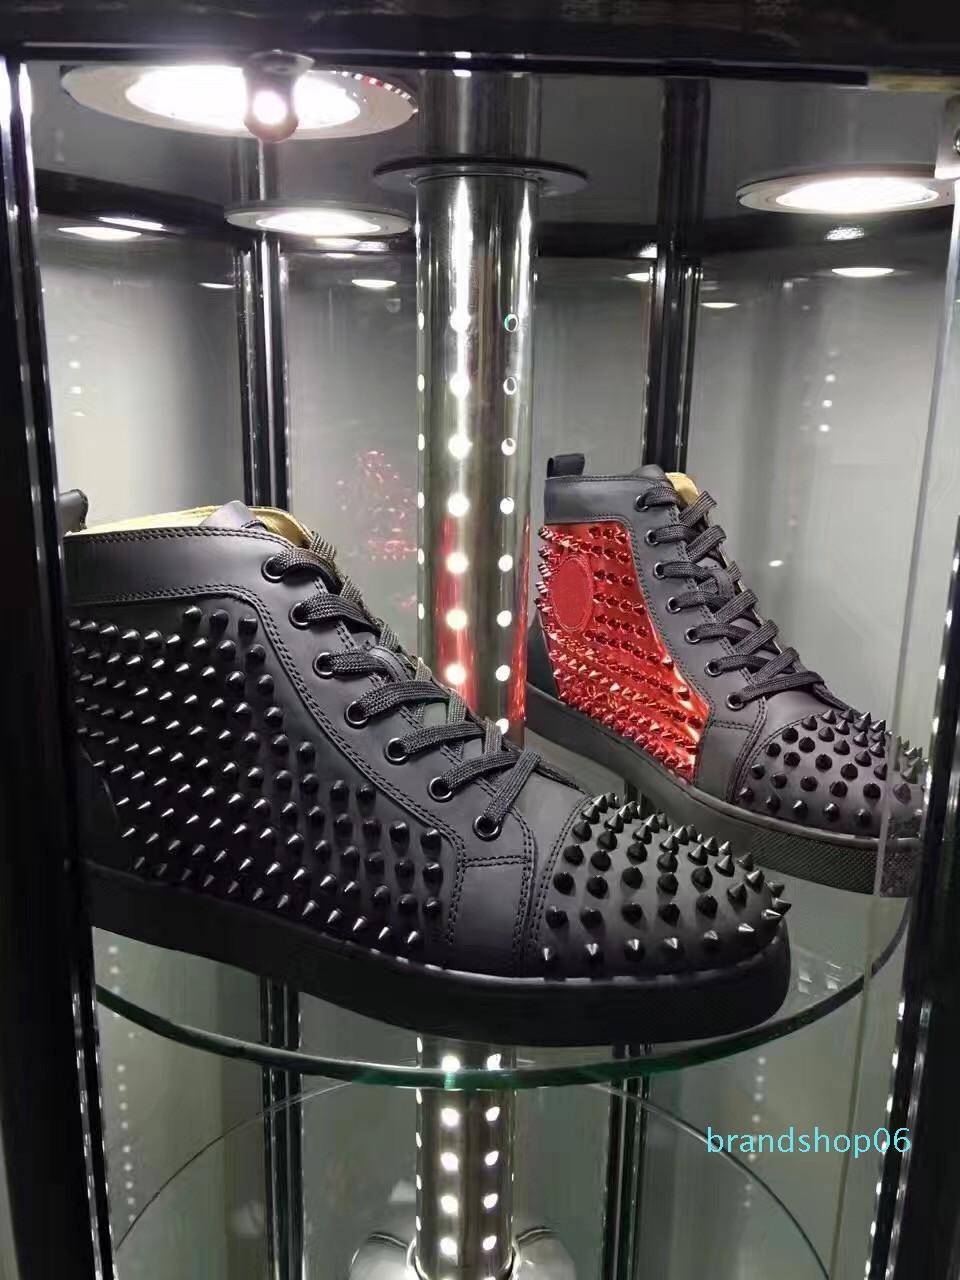 Name Marken-Qualitäts-beiläufige Mann-Frau-Rot-Unterseite Sneaker Fashion Patchwork Shining Gold High Top Niete schnüren sich oben Partei-Schuhe Spikes d09